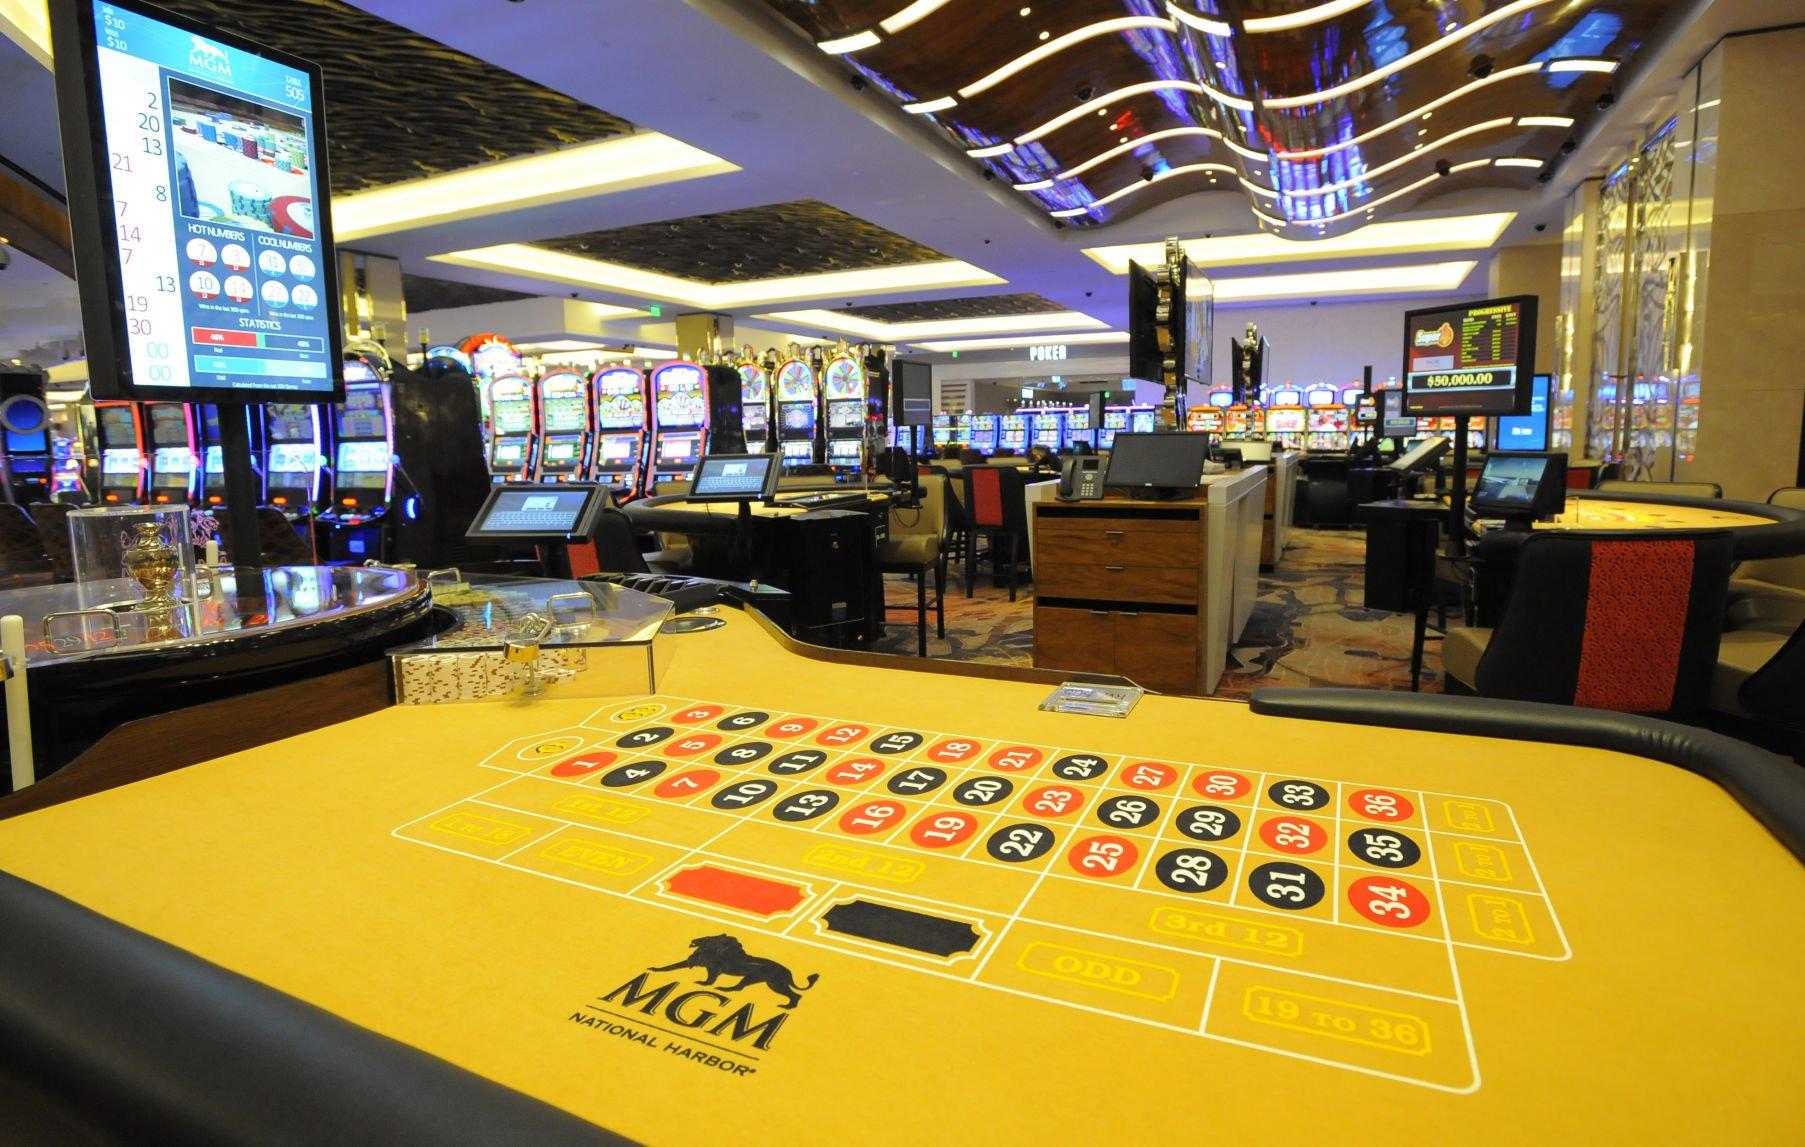 Virginia alexandria legal gambling play syobon action 2 game